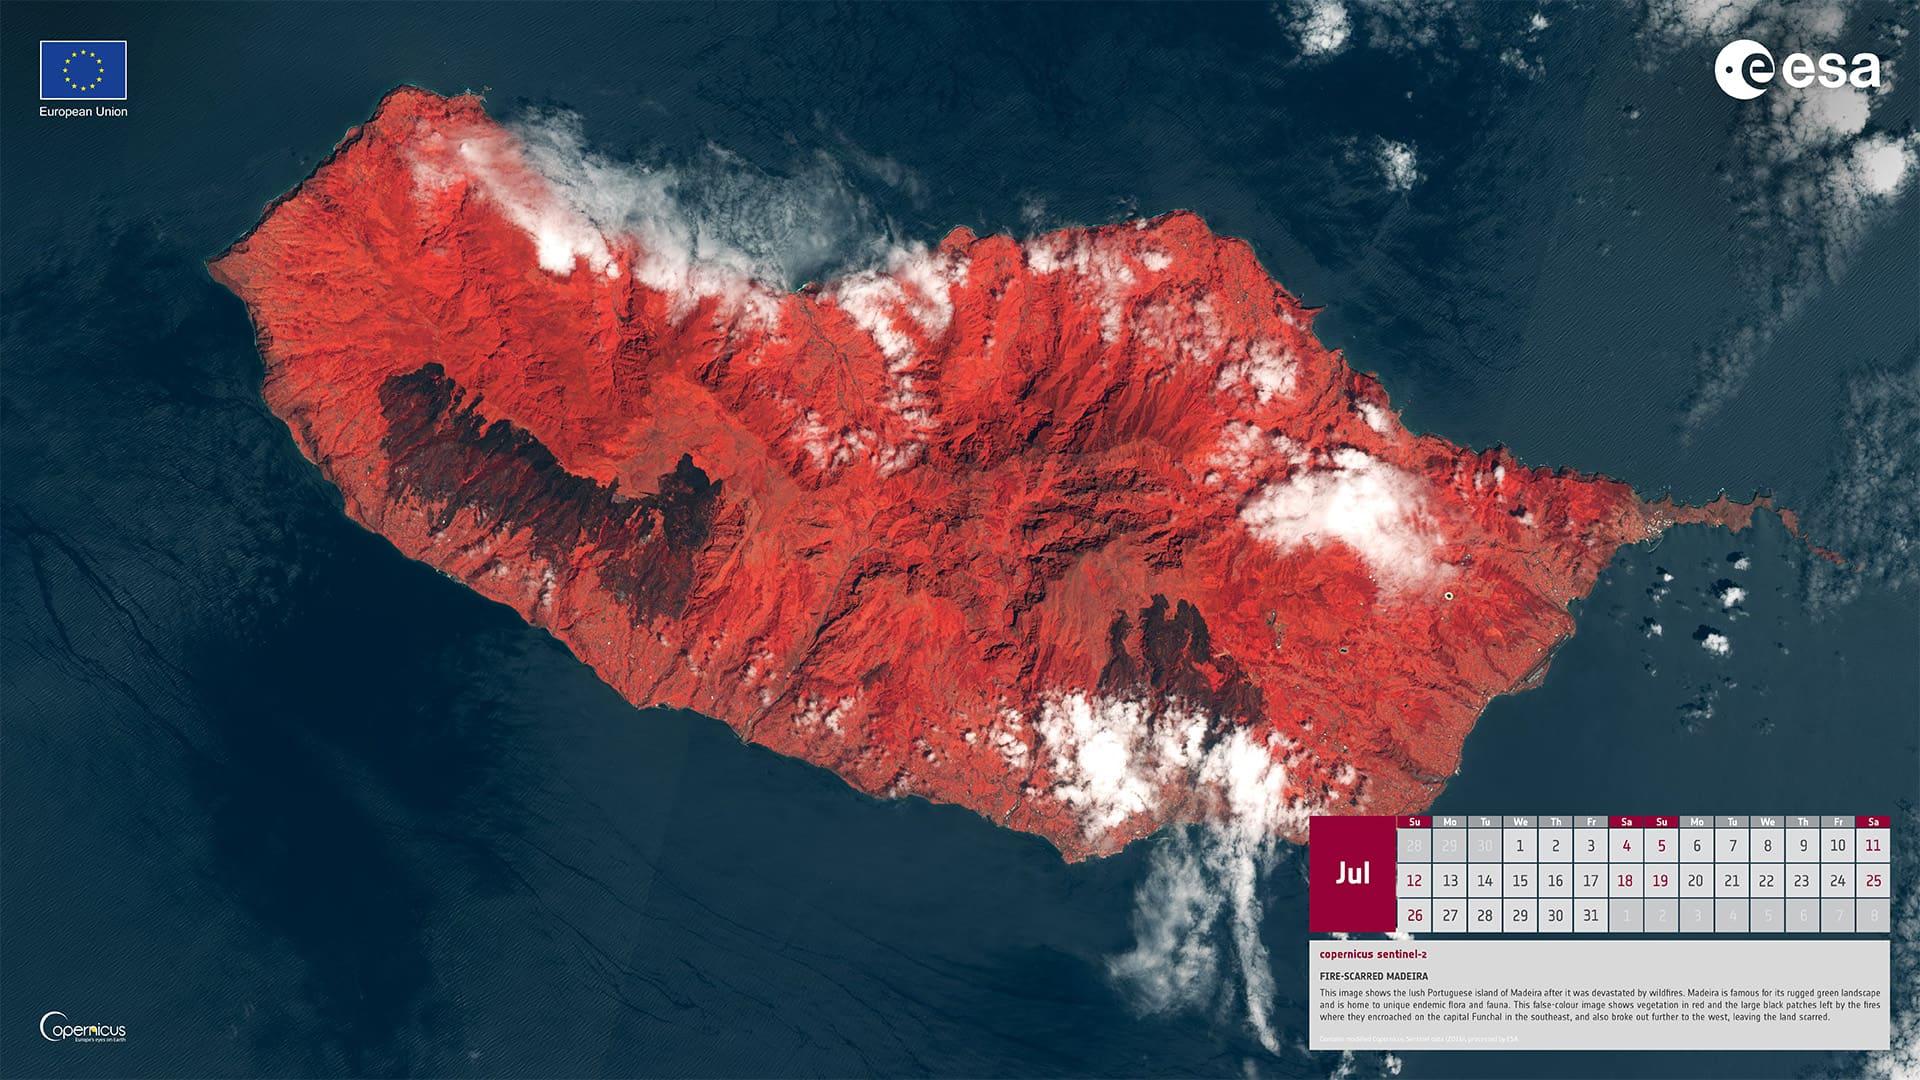 Juillet 2020 - Traces des incendies sur l'île de Madère (Portugal)